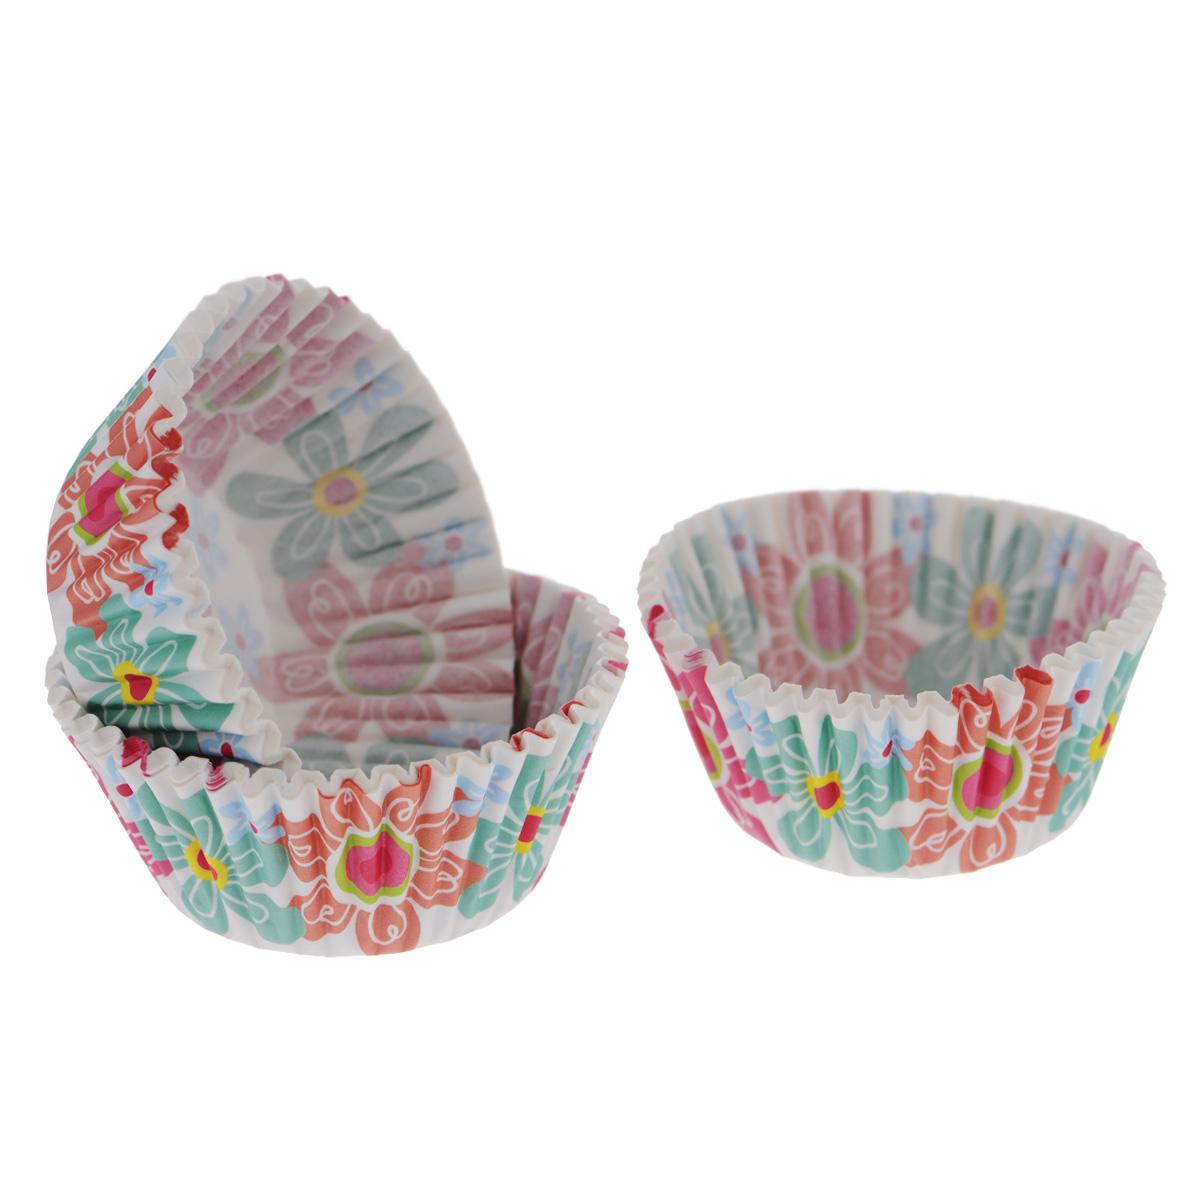 Набор бумажных форм для кексов Wilton Весна, диаметр 5 см, 75 шт54 009312Набор Wilton Весна состоит из 75 бумажных форм для кексов. Они предназначены для выпечки и упаковки кондитерских изделий, также могут использоваться для сервировки орешков, конфет и др. Формы не требуют предварительной смазки маслом или жиром. Для одноразового применения. Гофрированные бумажные формы идеальны для выпечки кексов, булочек и пирожных. Высота стенки: 3 см. Комплектация: 75 шт.